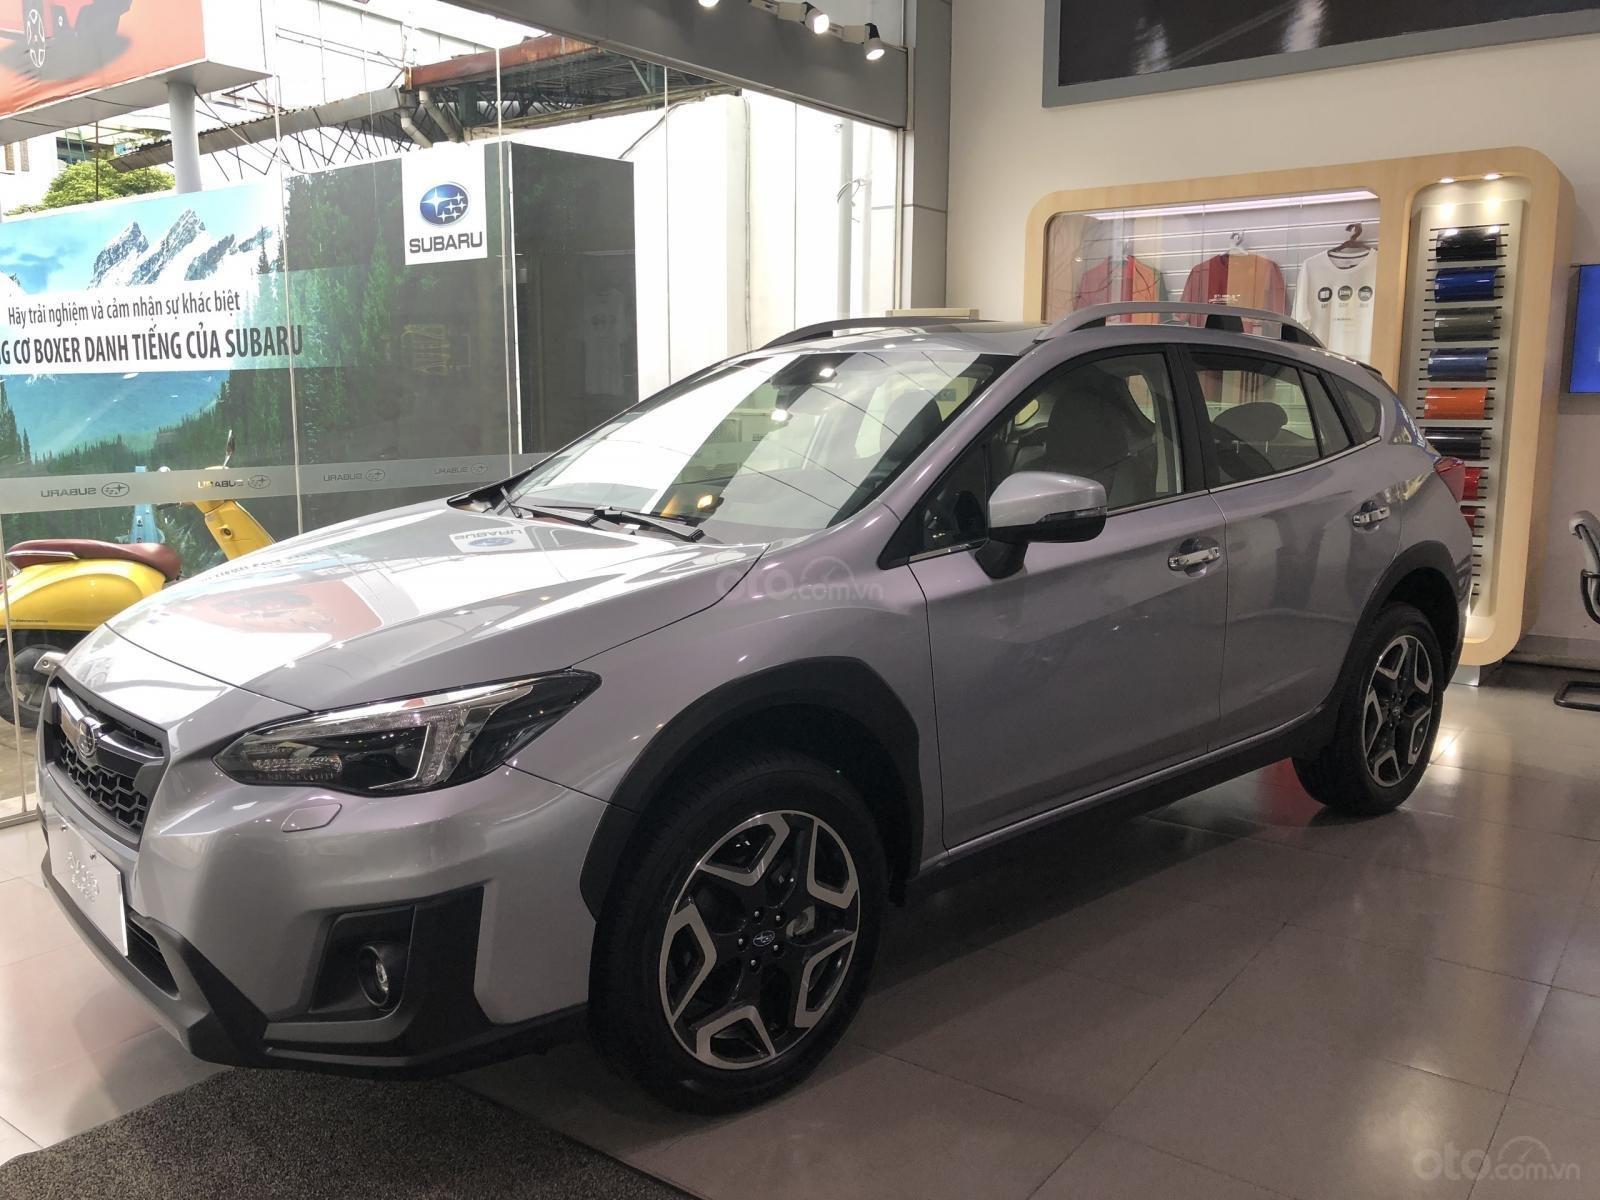 Bán Subaru XV model 2019 Eyesight bạc xe giao ngay, KM lên đến 185tr gọi 093.22222.30 Ms. Loan (8)